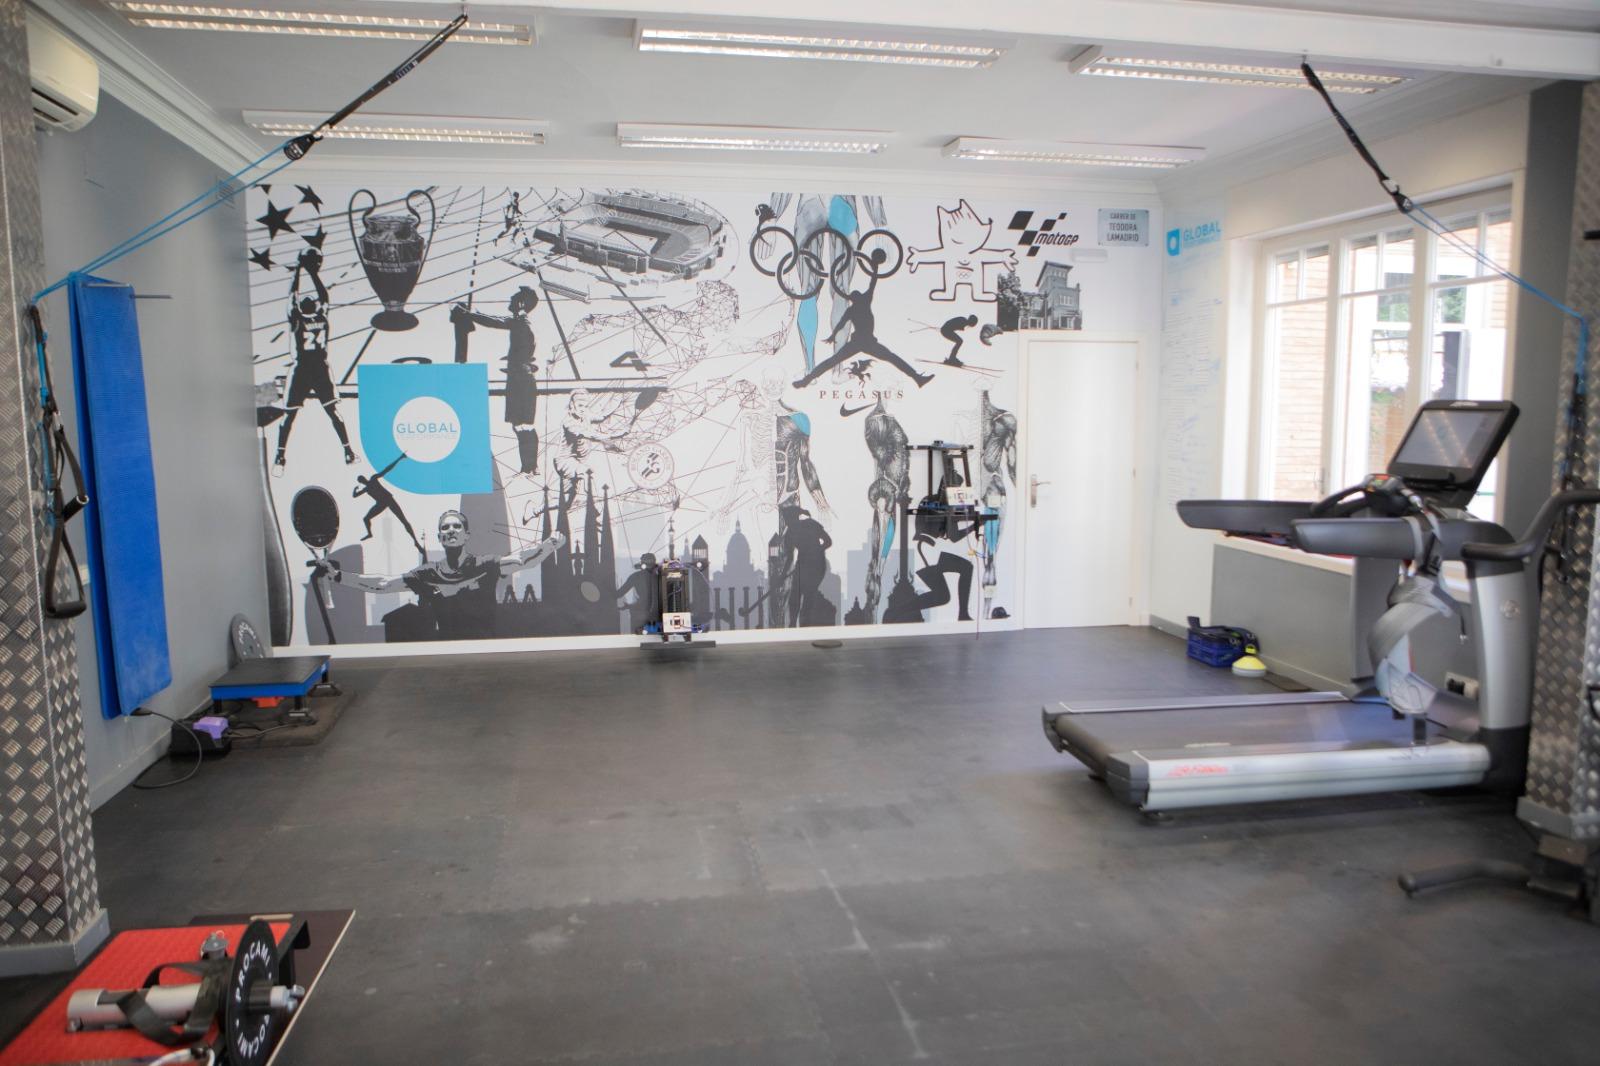 Global Performance | Instalaciones Centro Alto Rendimiento Deportivo